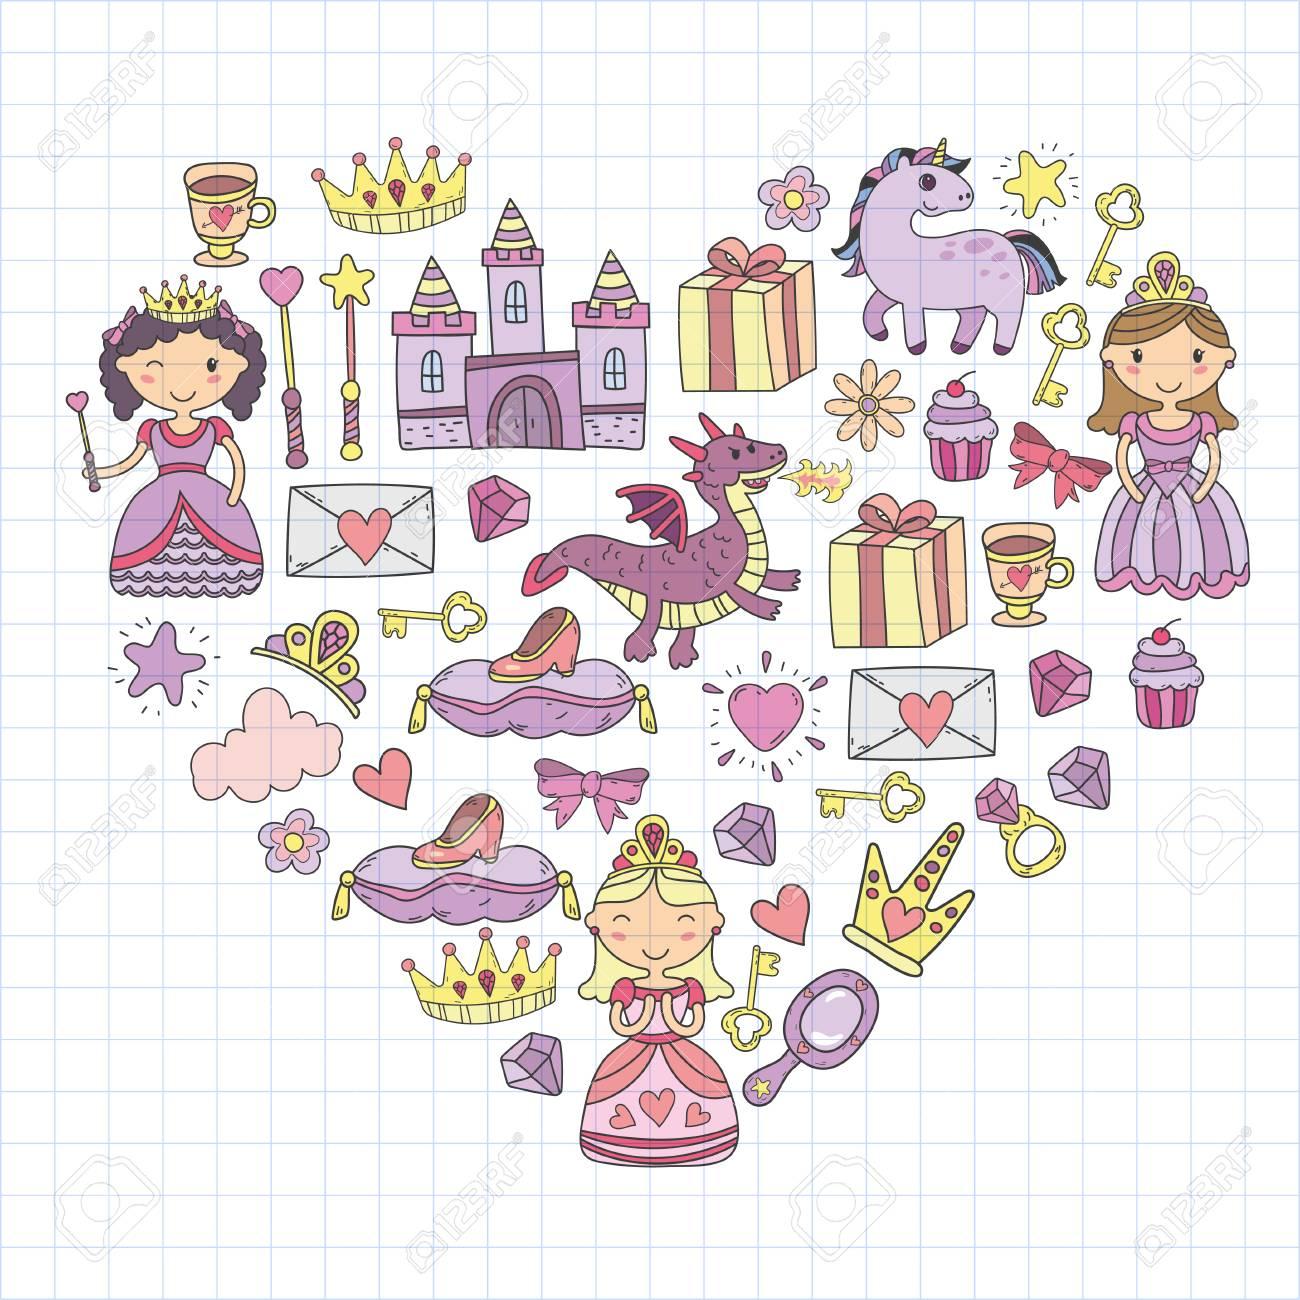 Conjunto De Icono De Princesa Y Fantasía De Doodle Yy Elemento De Diseño Para Invitación Y Tarjeta De Felicitación Niños Dibujando Kindergarten